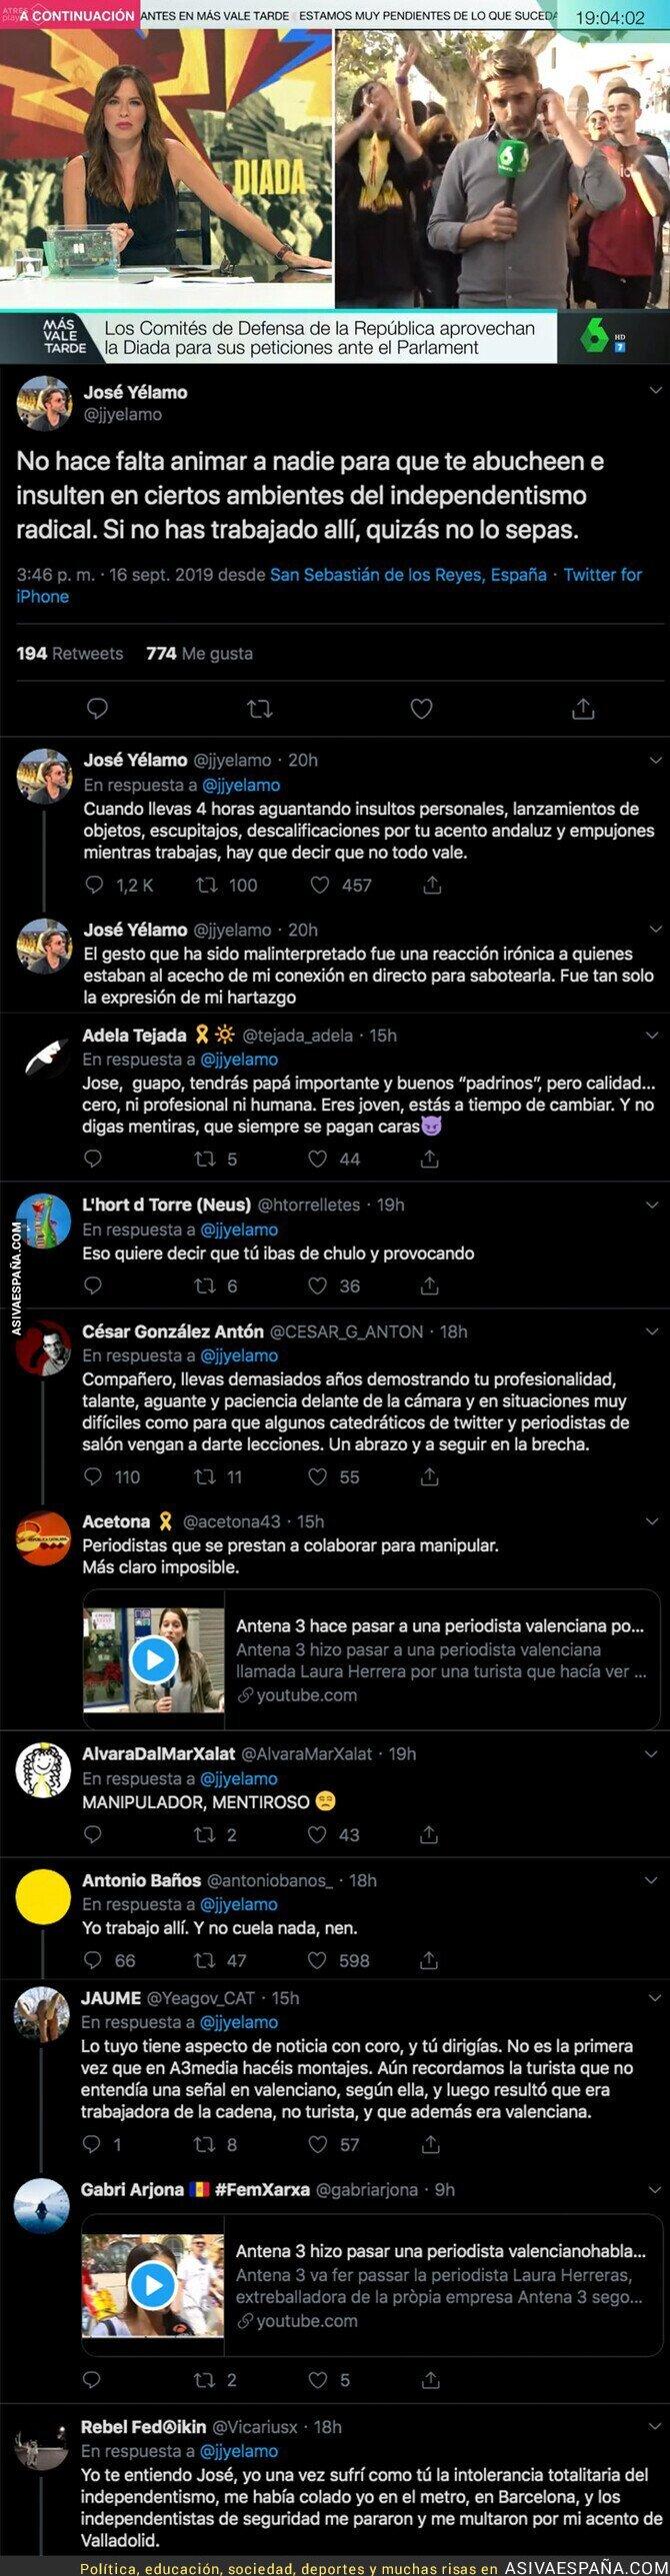 121300 - José Yélamo da explicaciones en tres tuits sobre lo ocurrido con los independentistas en Barcelona y absolutamente nadie le cree